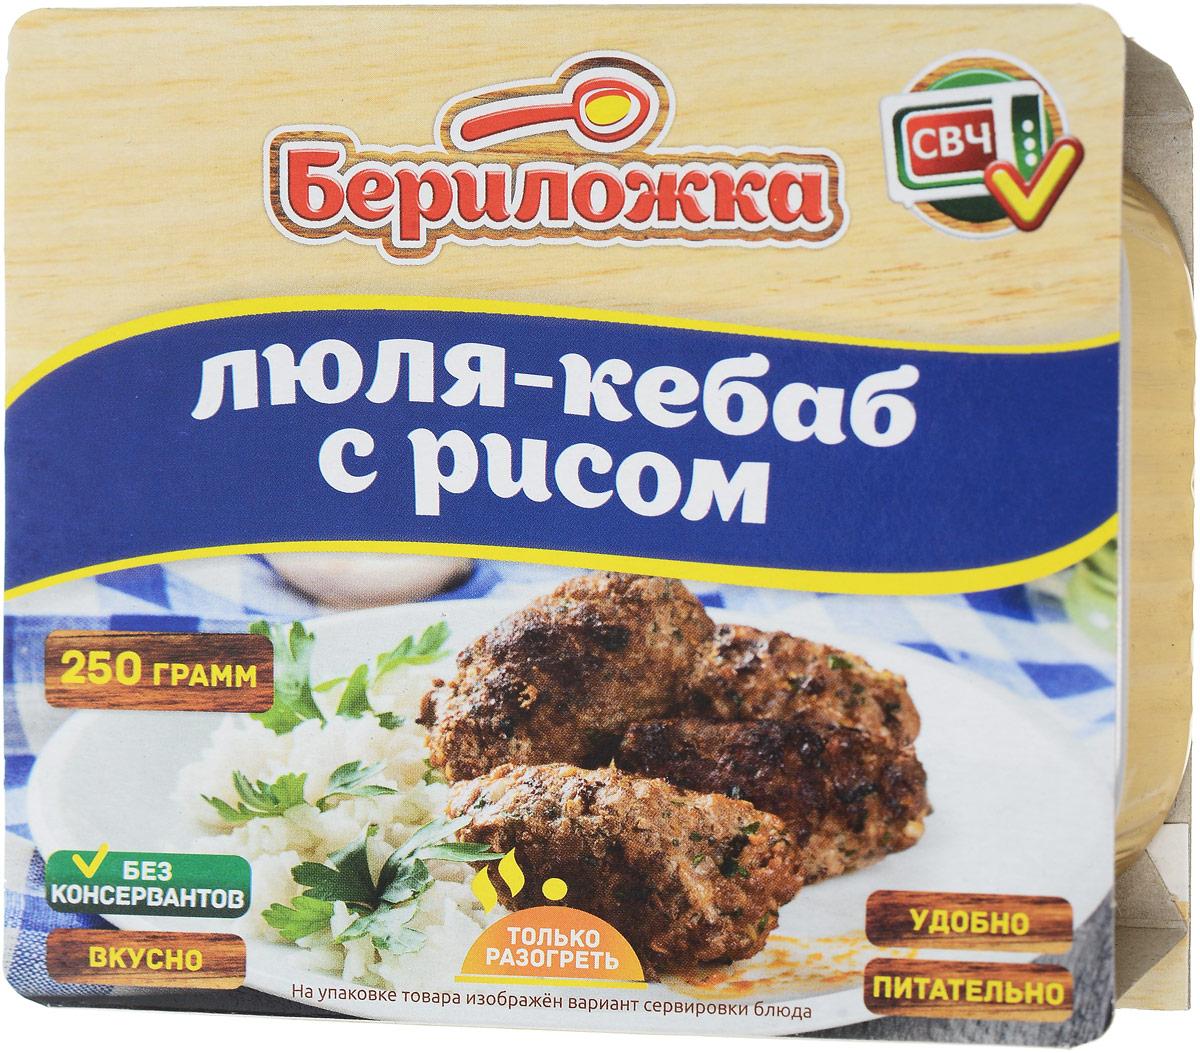 Бериложка люля-кебаб с рисом, 250 г6123Люля-кебаб с рисом Бериложка - мясорастительные консервы, стерилизованные.Перед употреблением рекомендуется разогреть. Продукт не содержит ГМО, консервантов.Уважаемые клиенты! Обращаем ваше внимание, что полный перечень состава продукта представлен на дополнительном изображении.